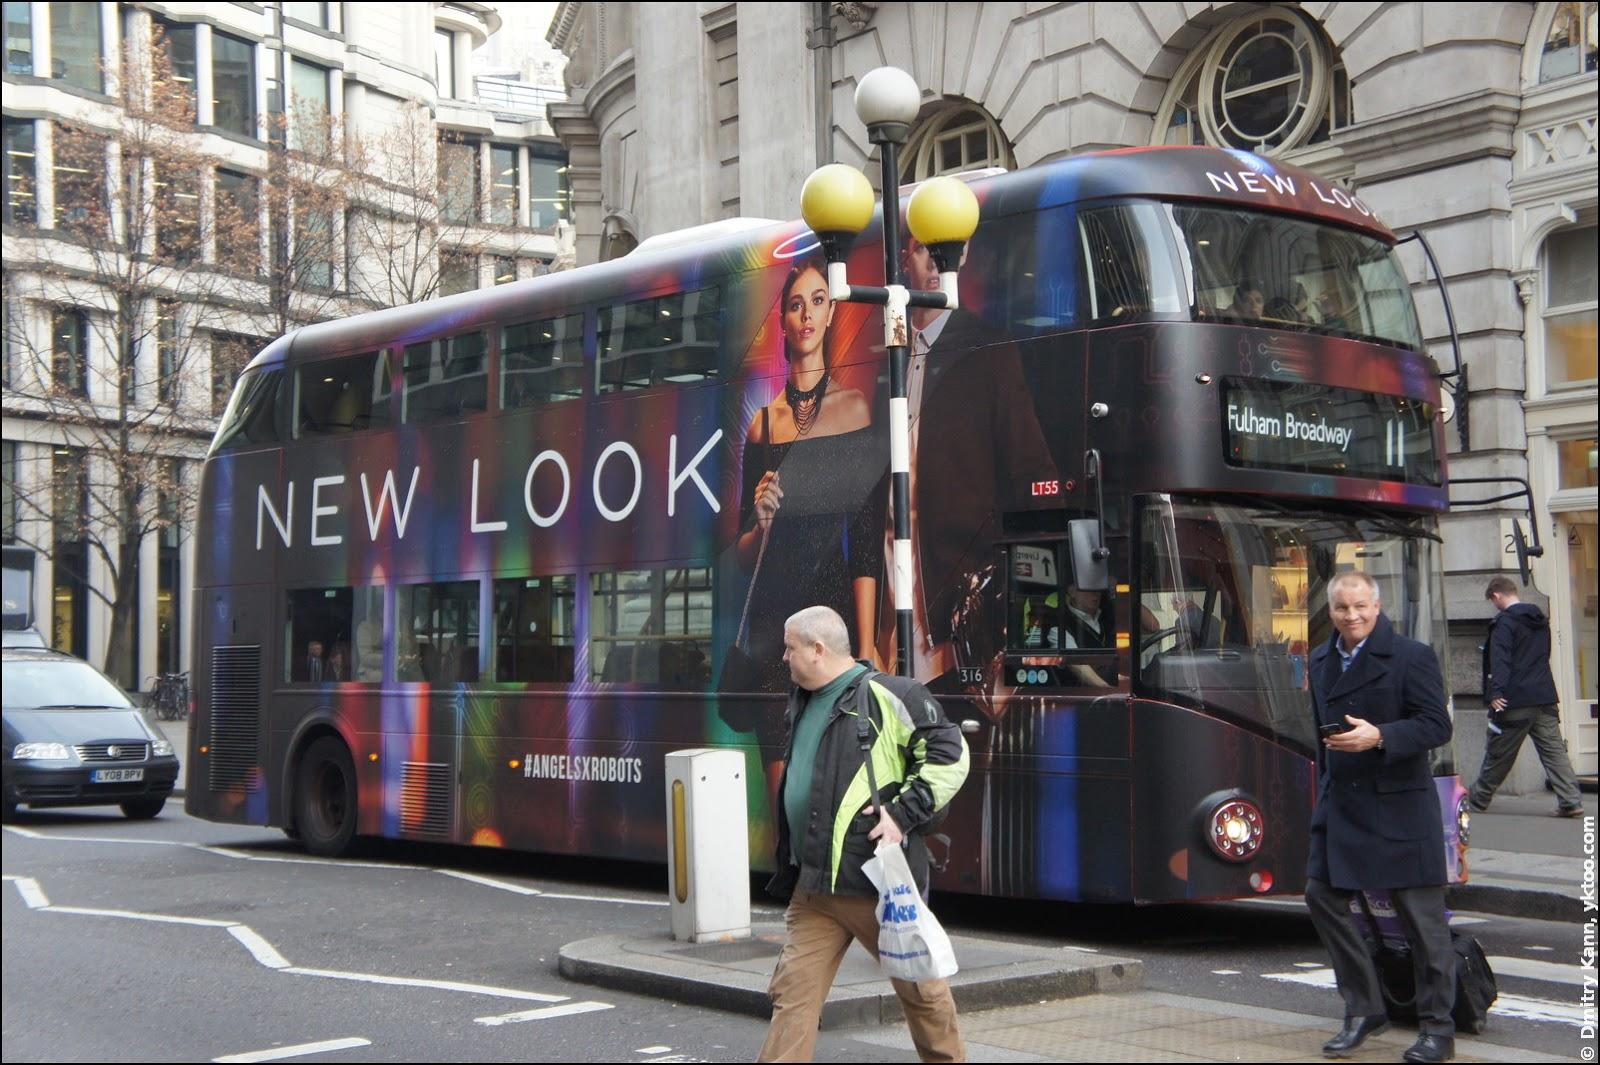 Автобус-непонятно-что.